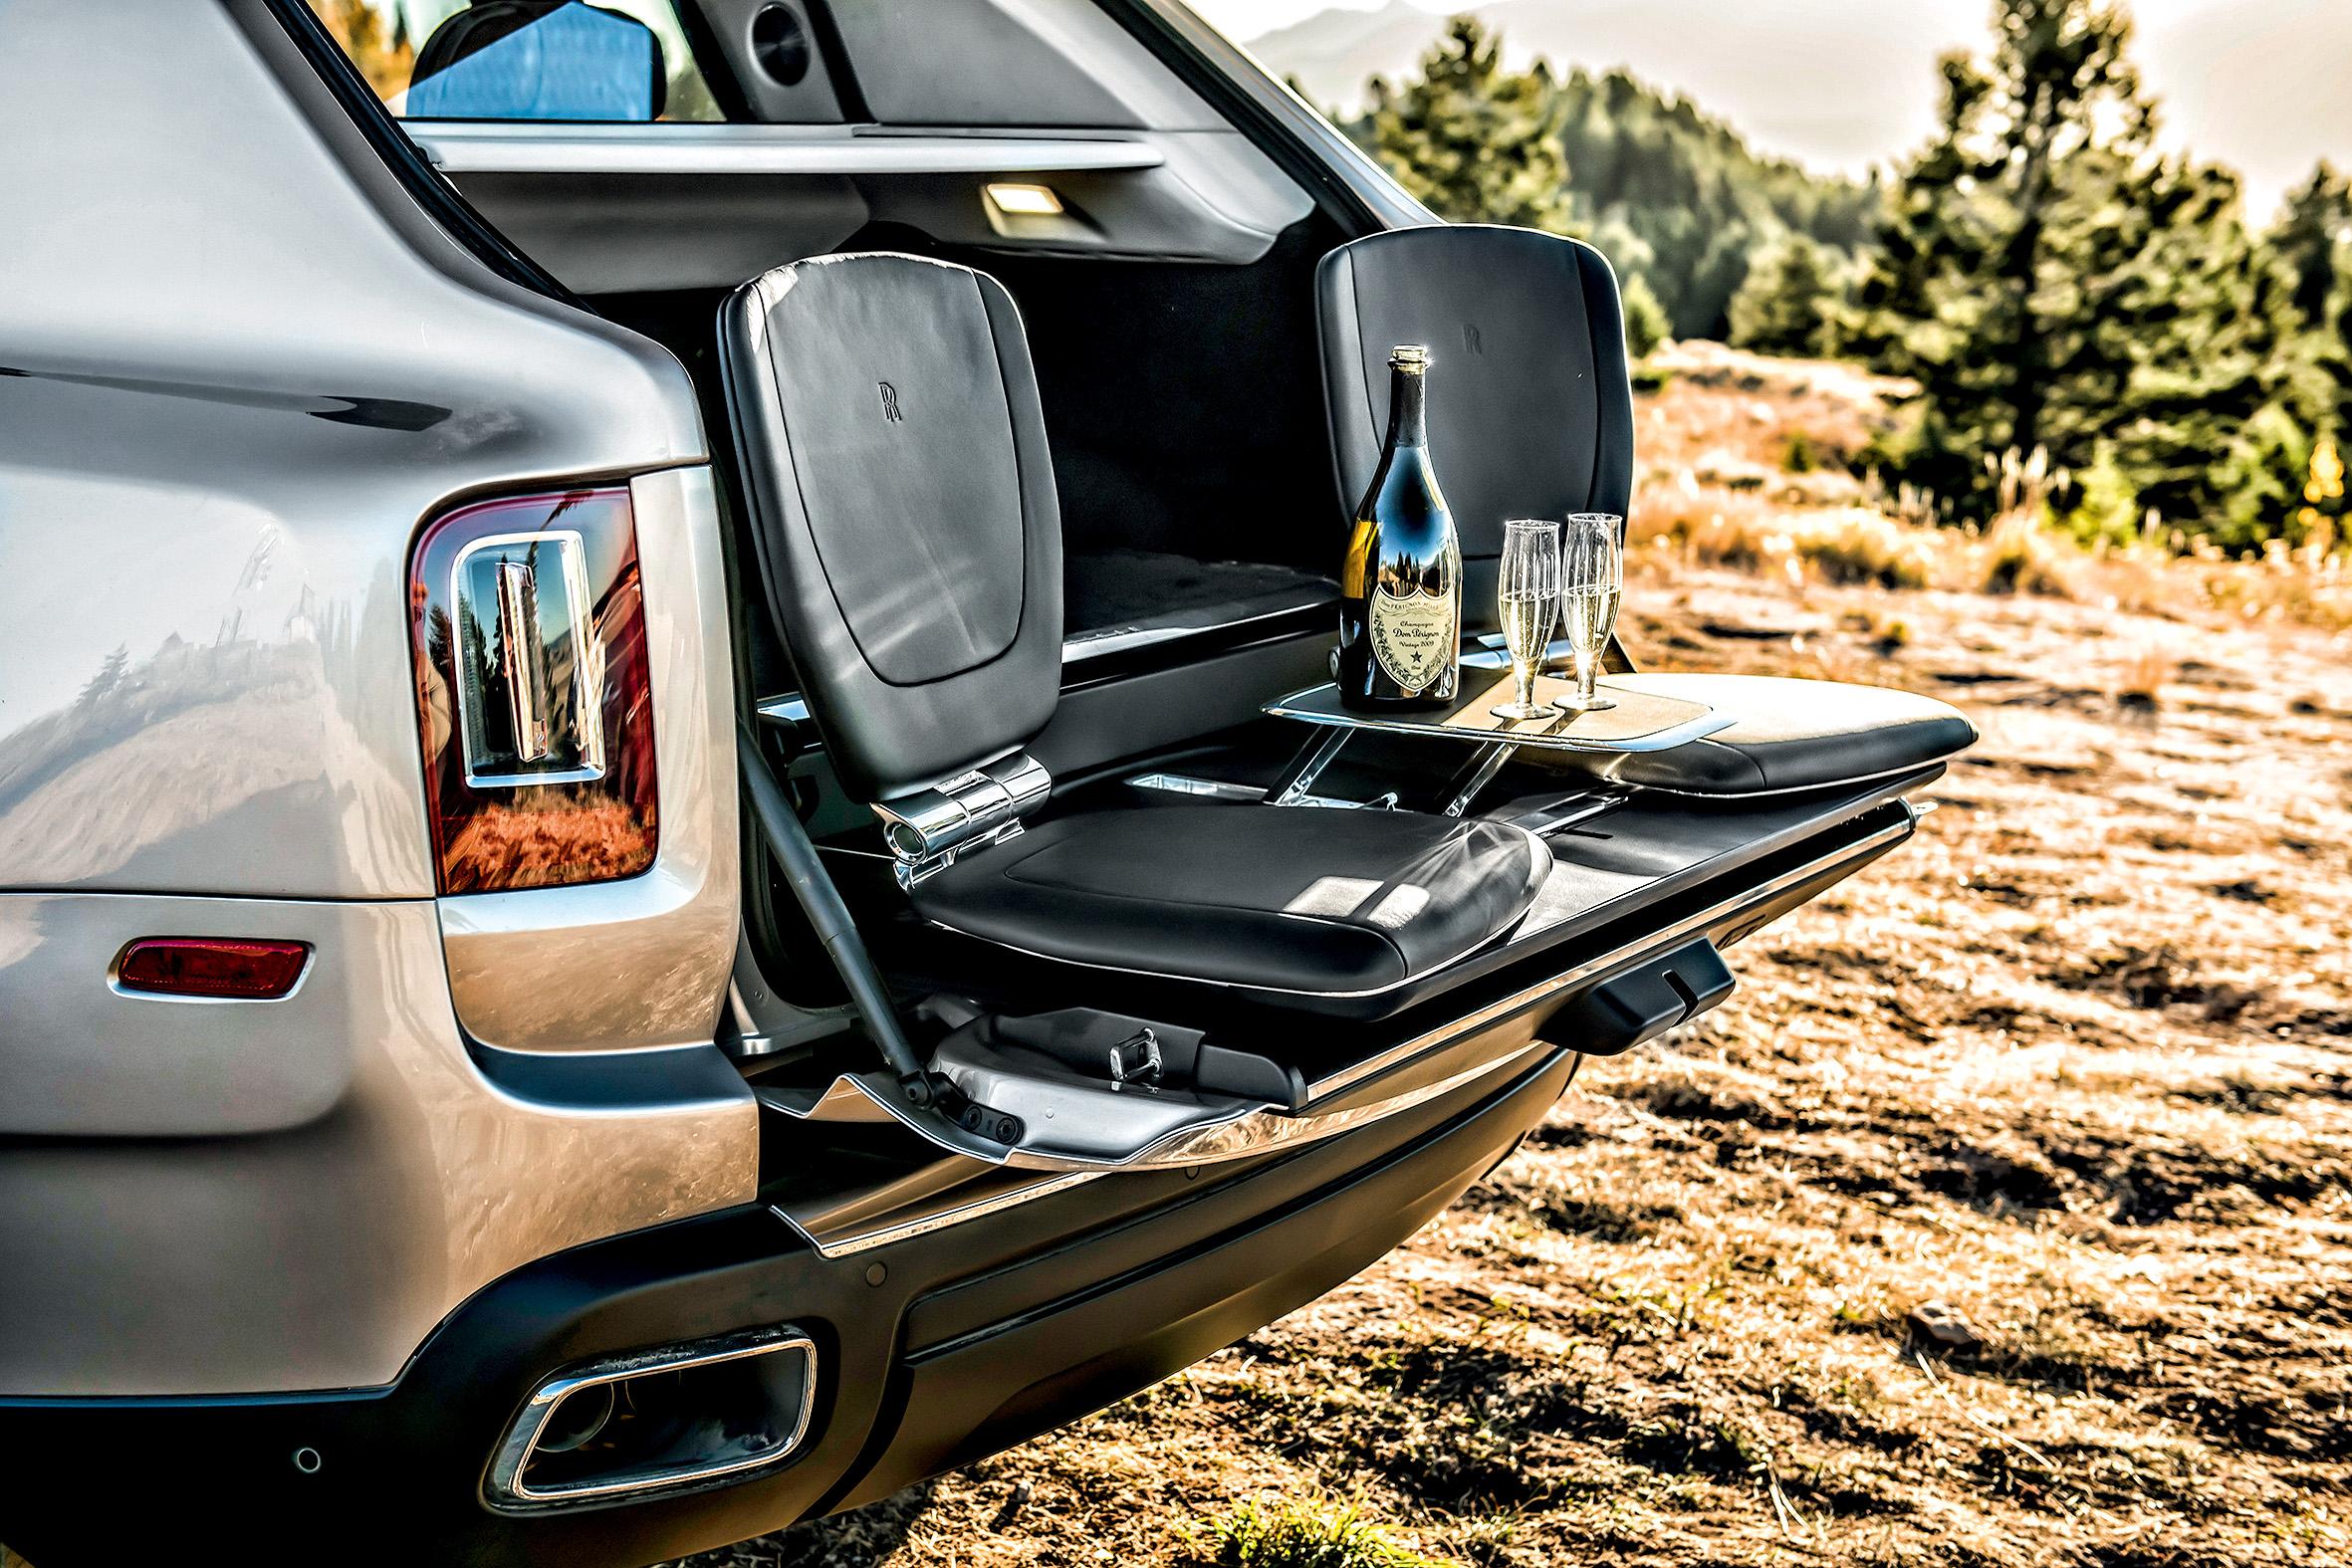 Impressoes Rolls Royce Cullinan Suv Que Exagera No Tamanho E No Luxo Quatro Rodas